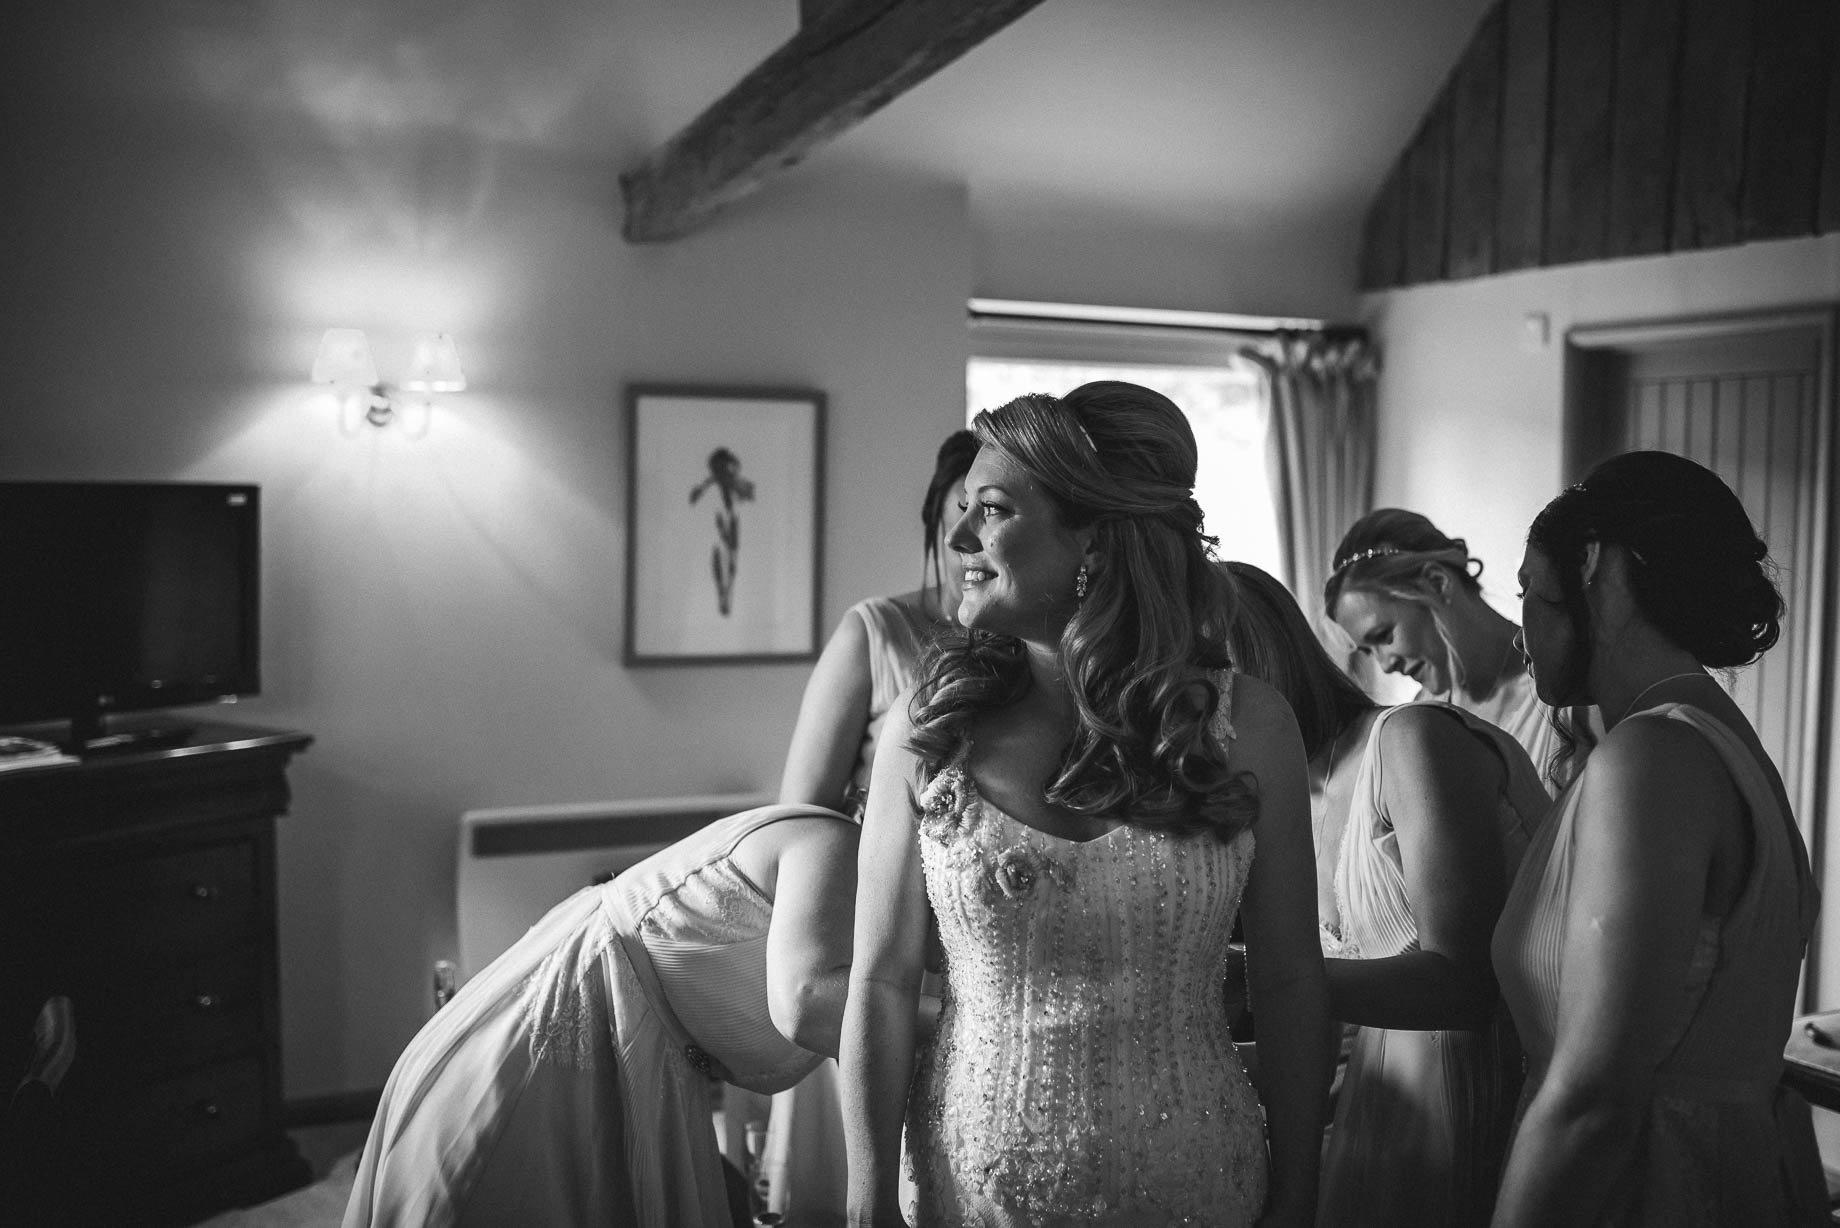 Bartholomew Barns wedding photography - Louise and Spencer (23 of 151)